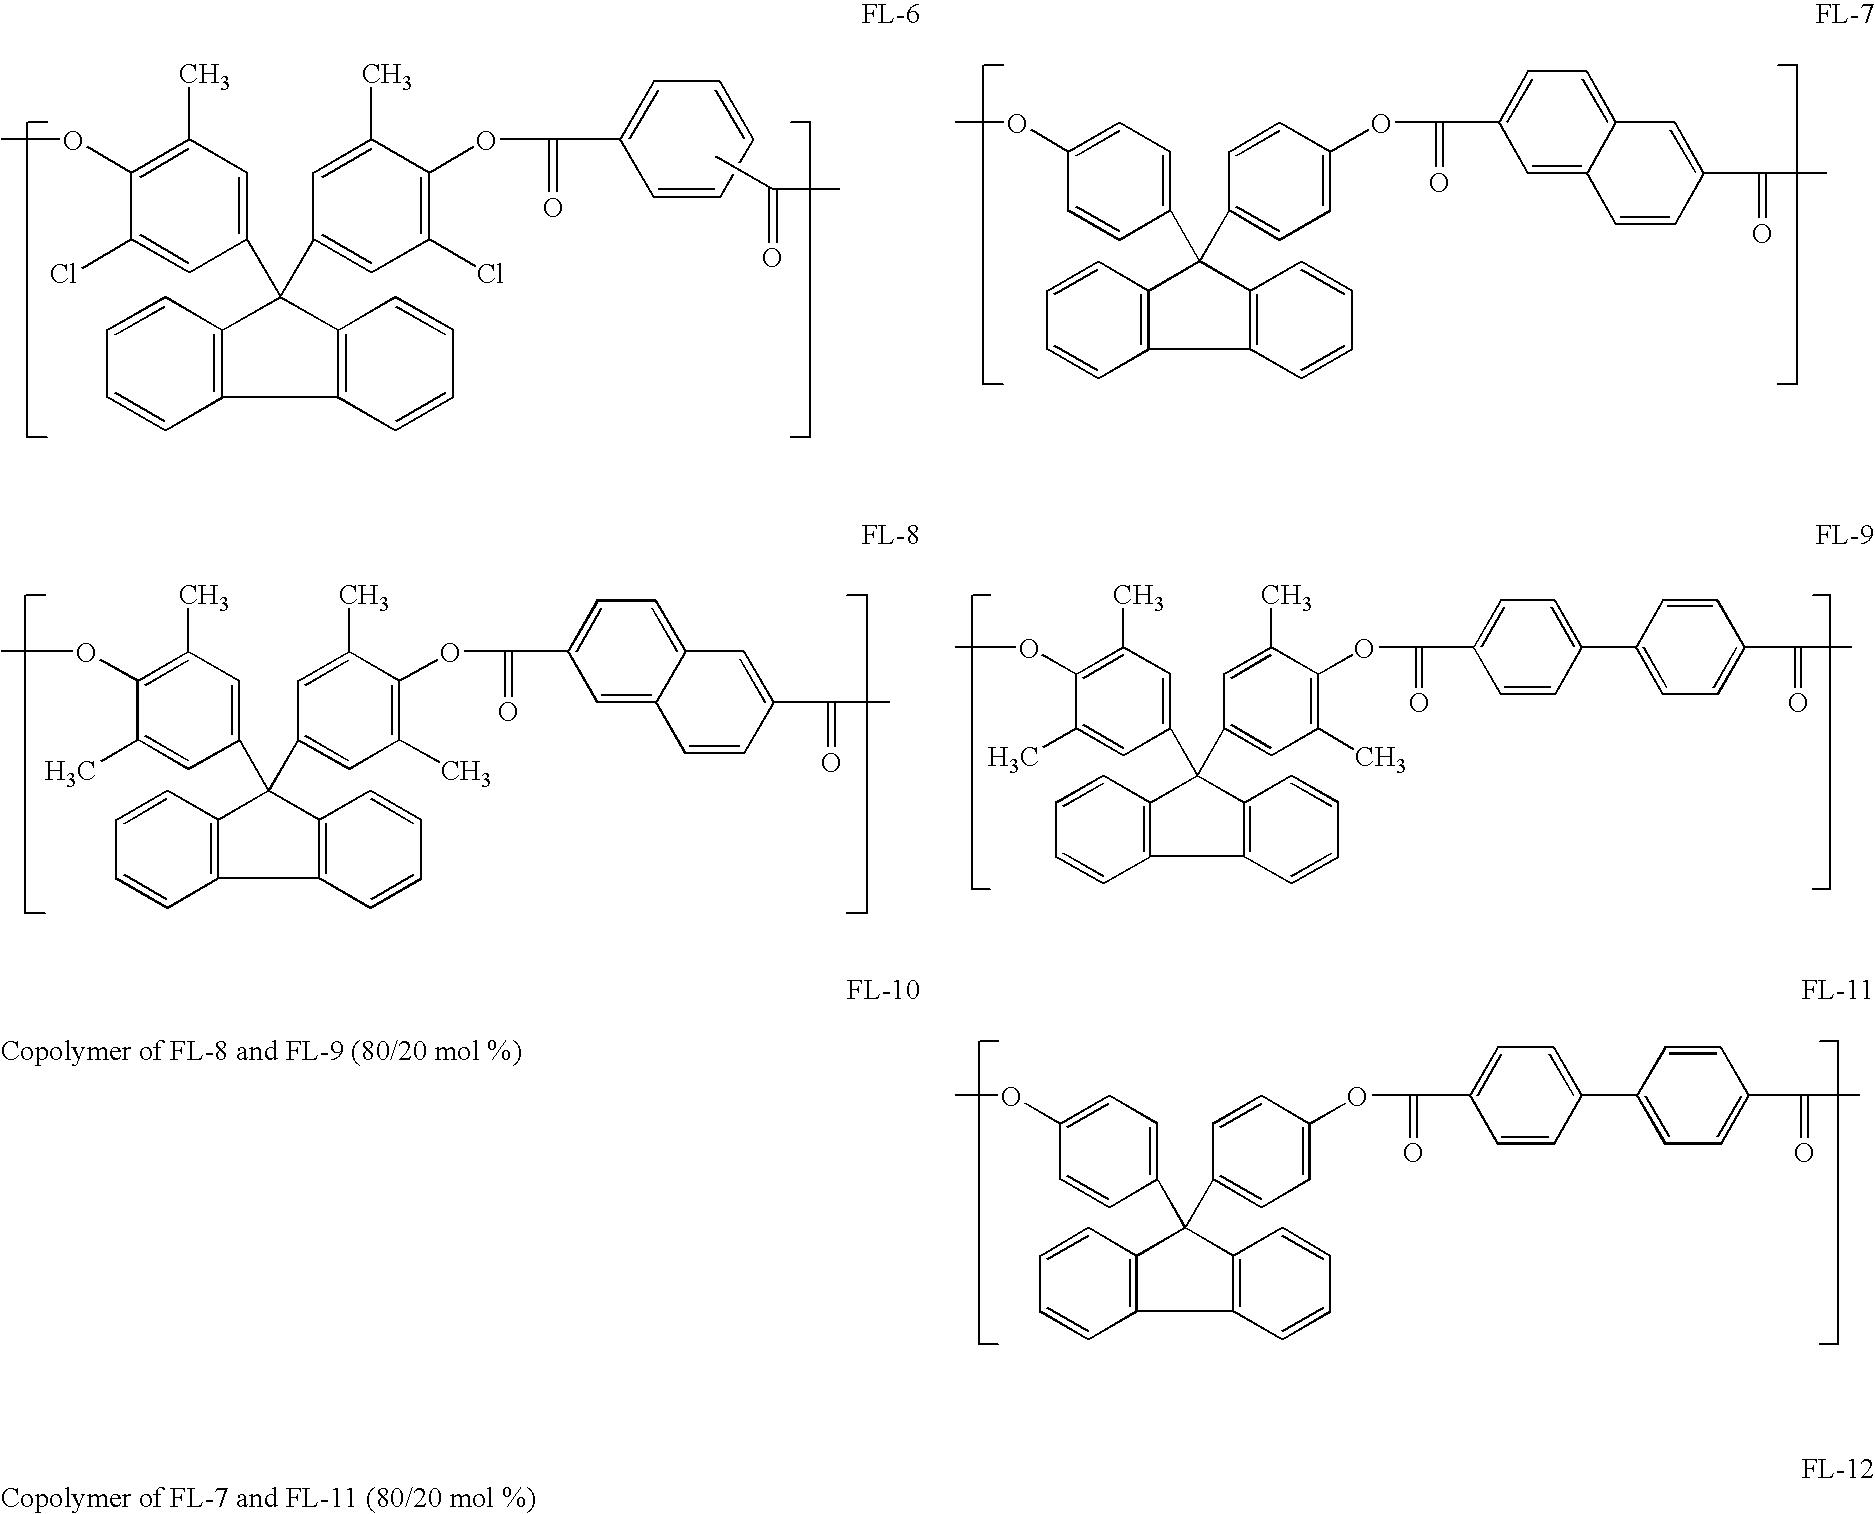 Figure US20050238846A1-20051027-C00012